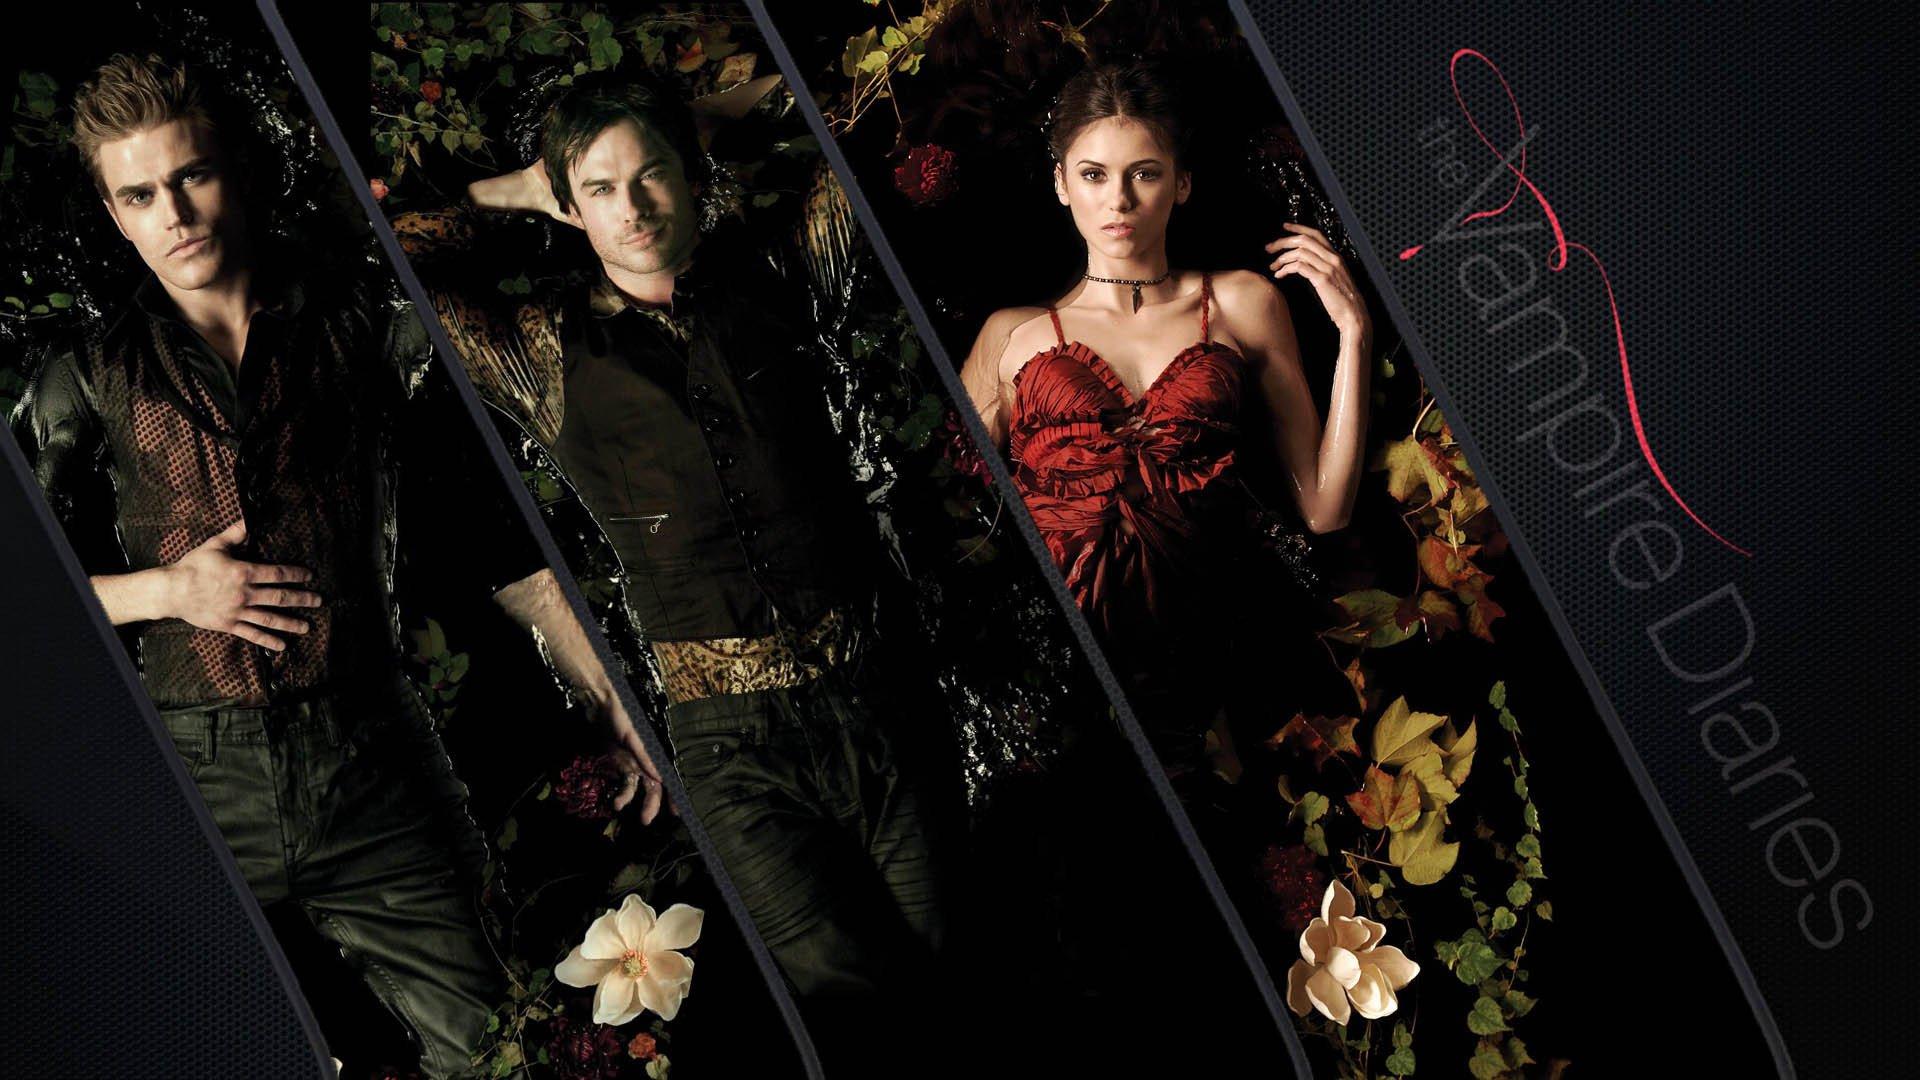 vampire diaries season 1 episode 1 full download